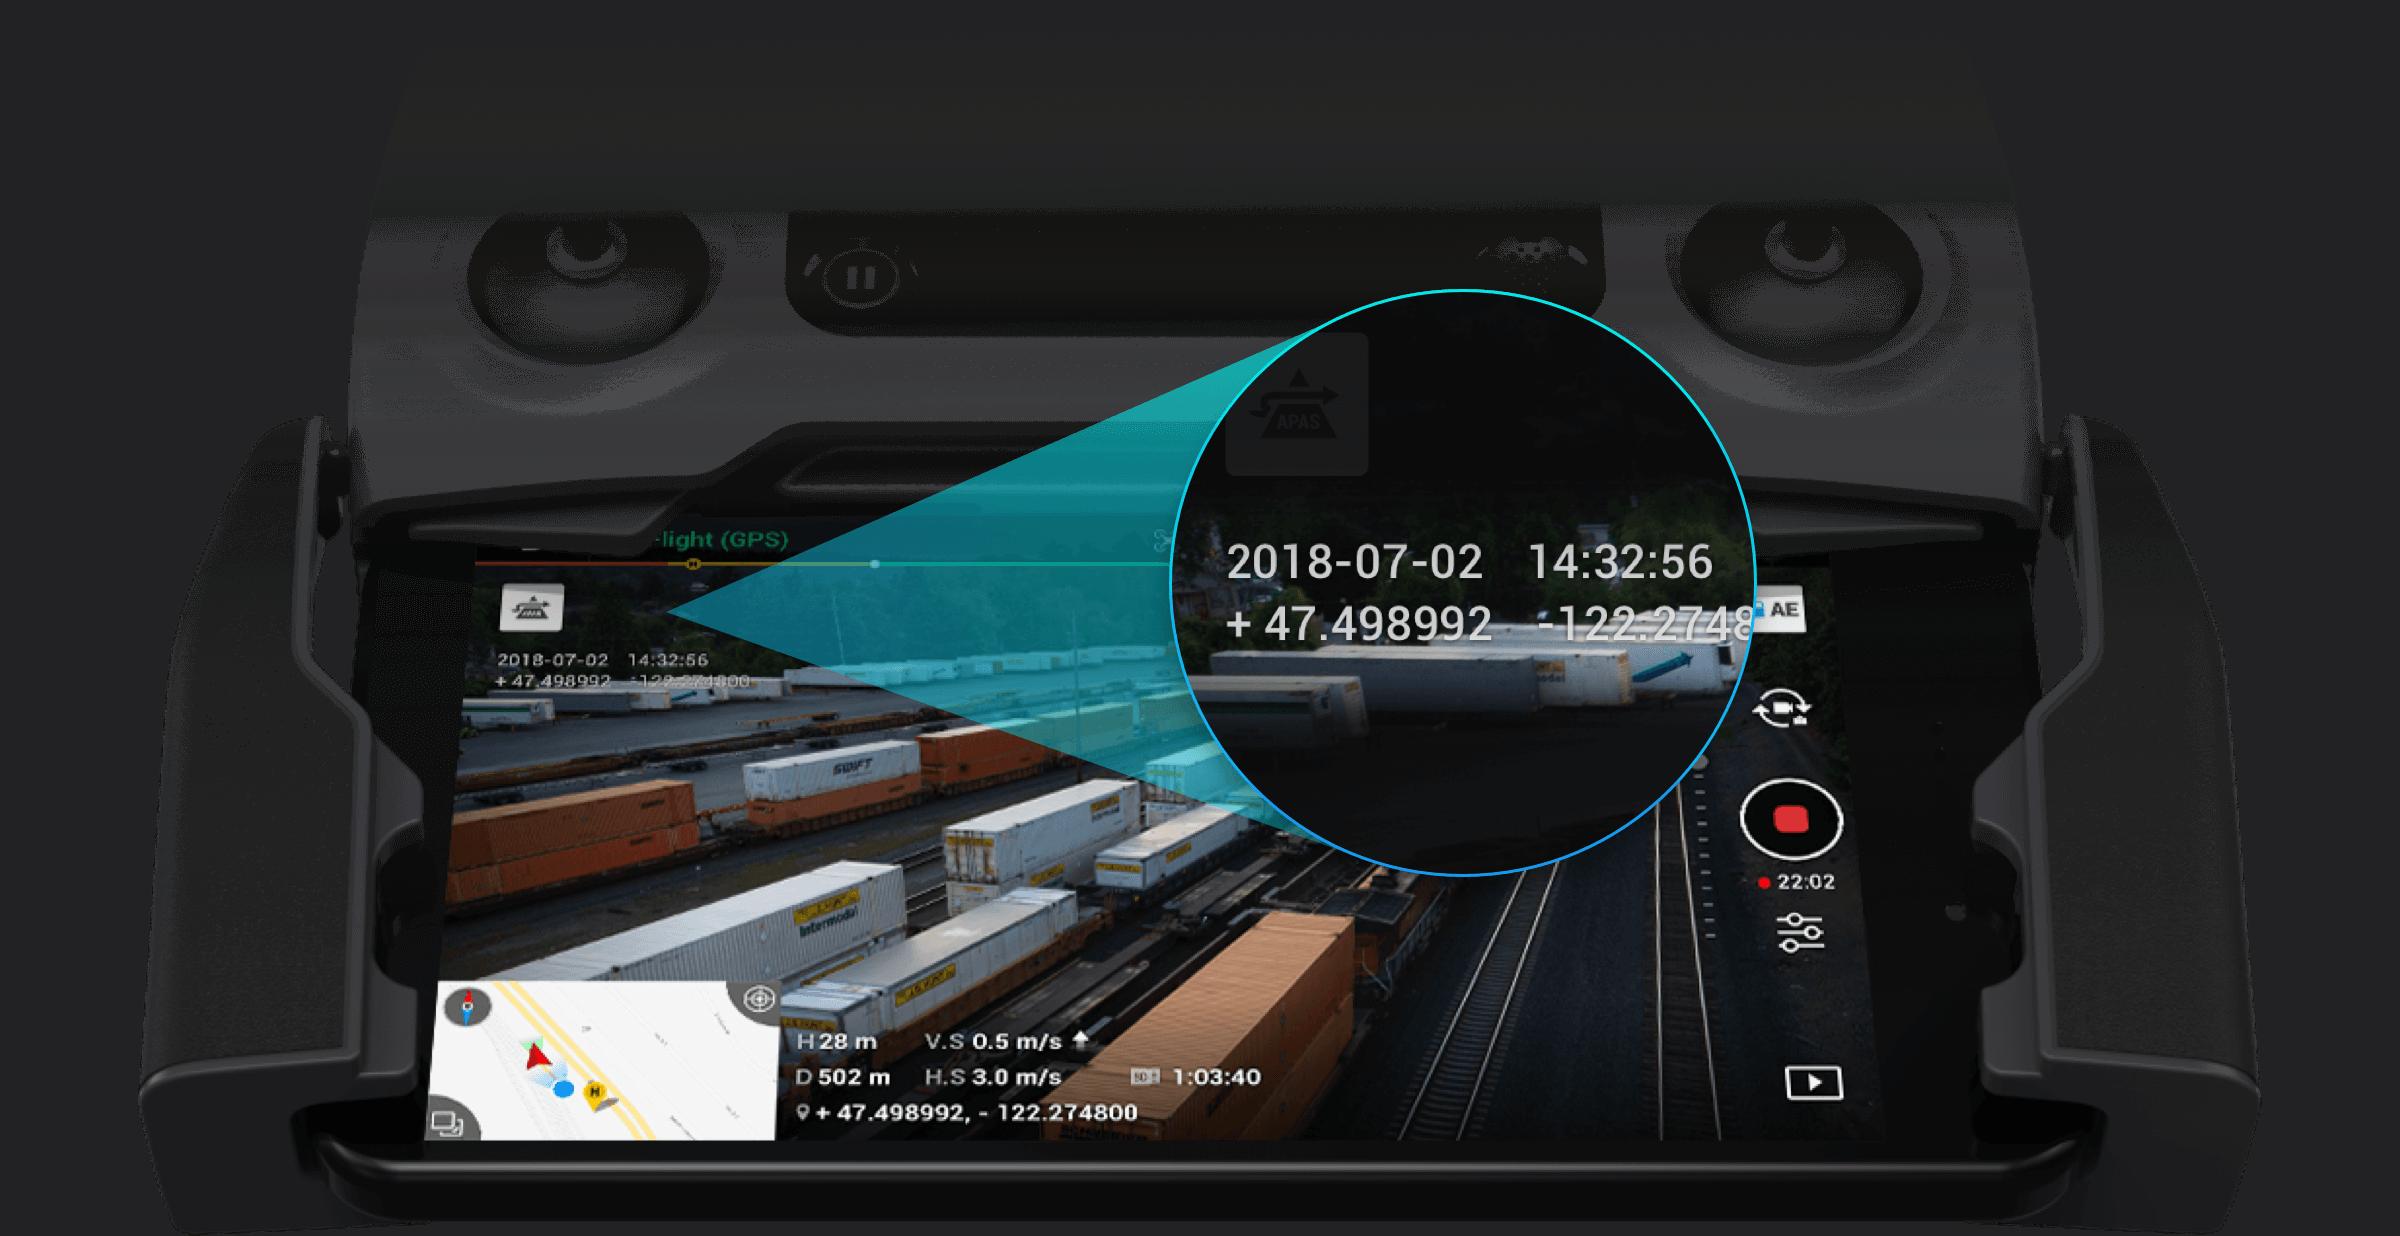 Der DJI Mavic 2 Enterprise DUAL mit Wärmebildkamera, Scheinwerfer und Lautsprecher - featured